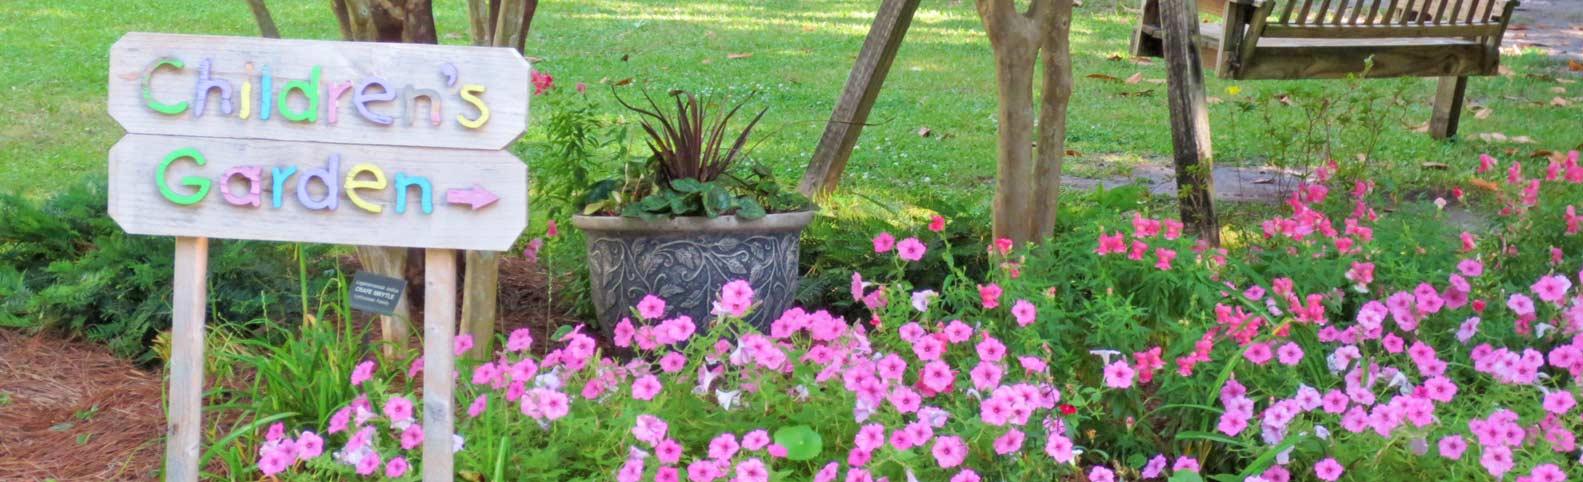 Sign-Childrens-Garden